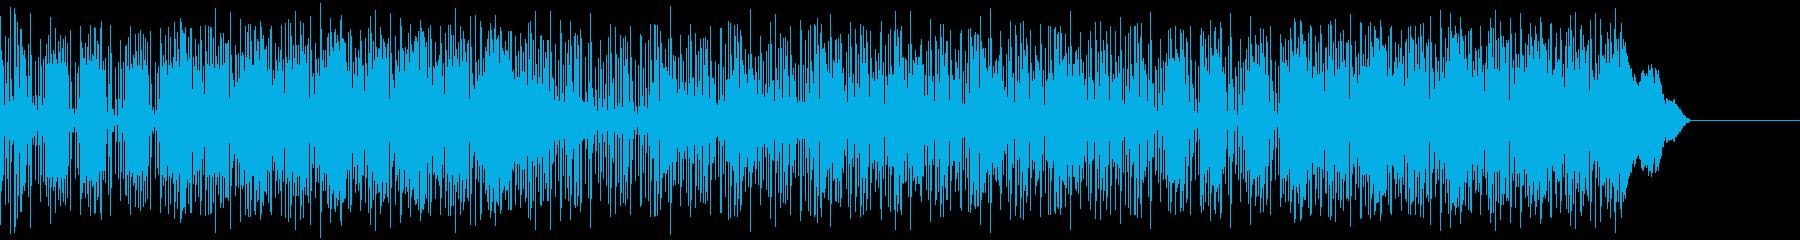 パンク ファンク ポジティブ 明る...の再生済みの波形